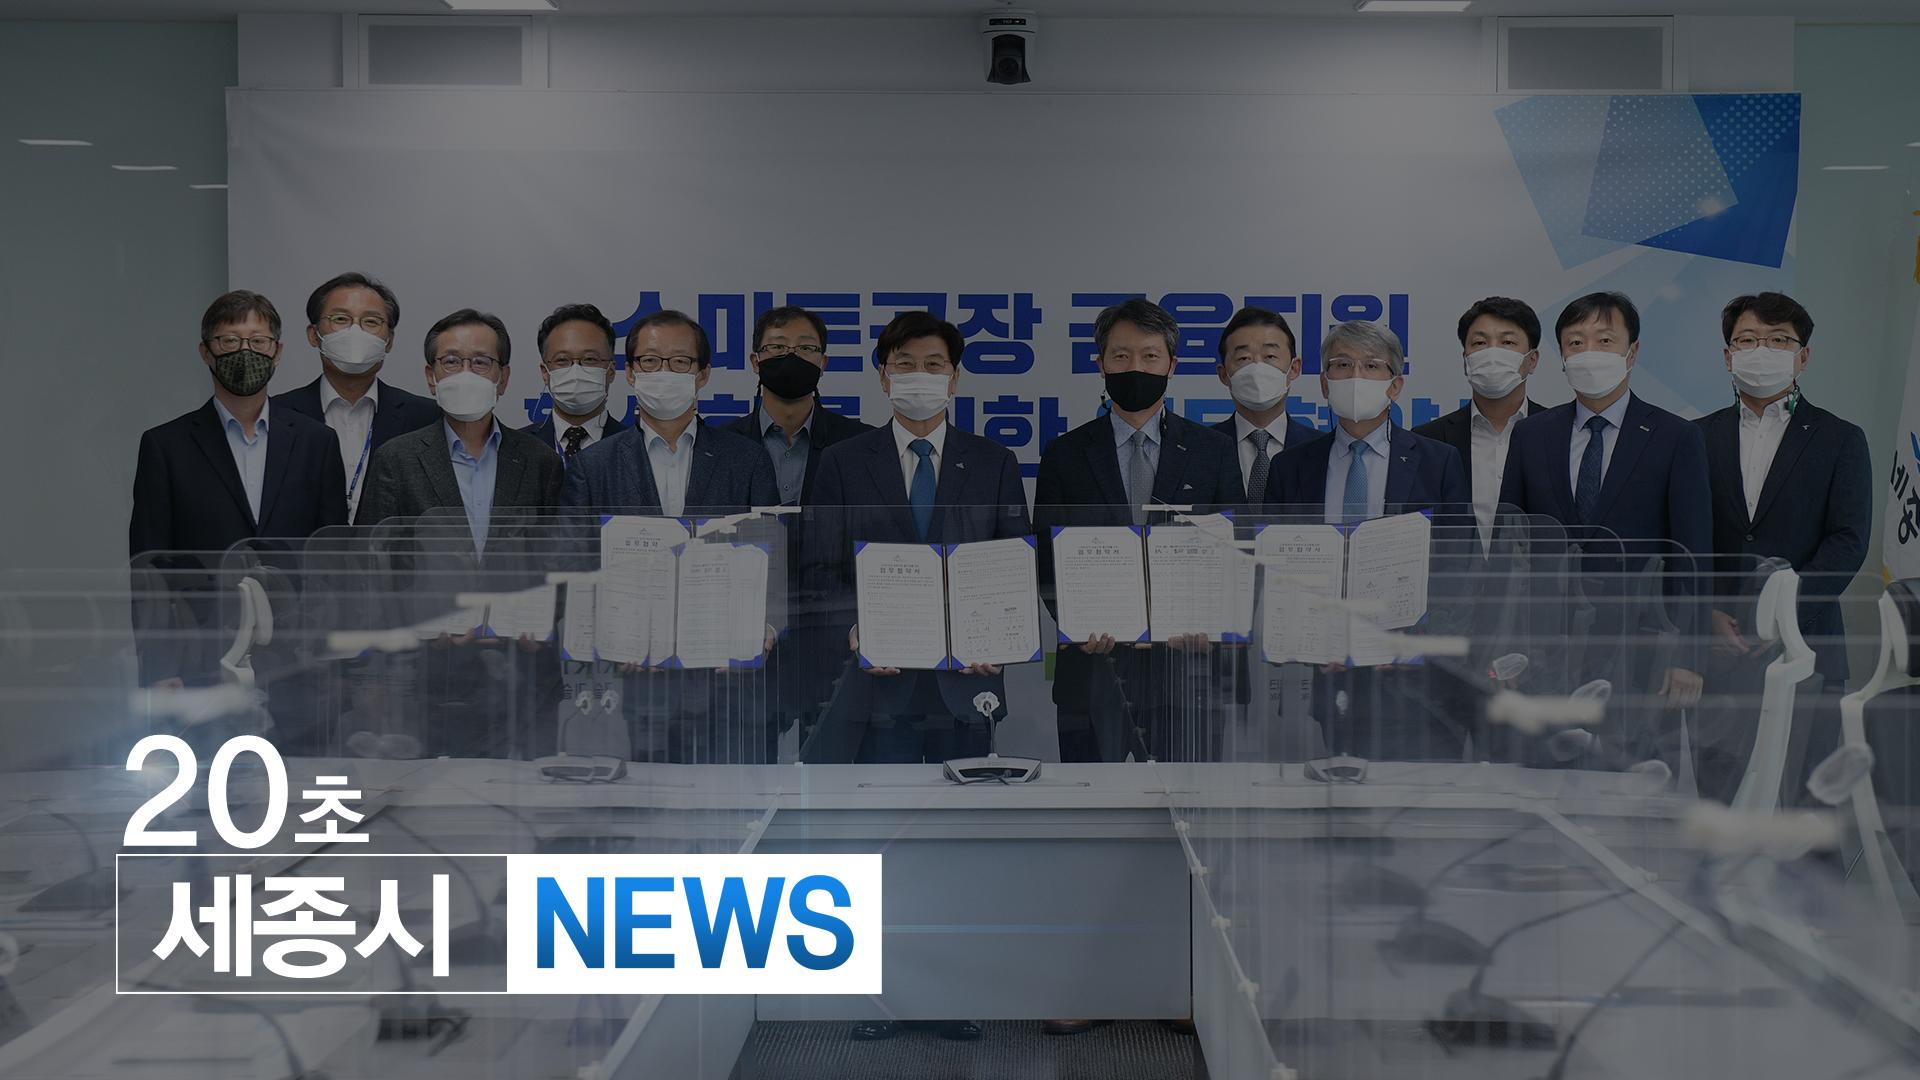 <20초뉴스> 세종시-세종TP-기술보증기금-하나은행 금융지원 협약